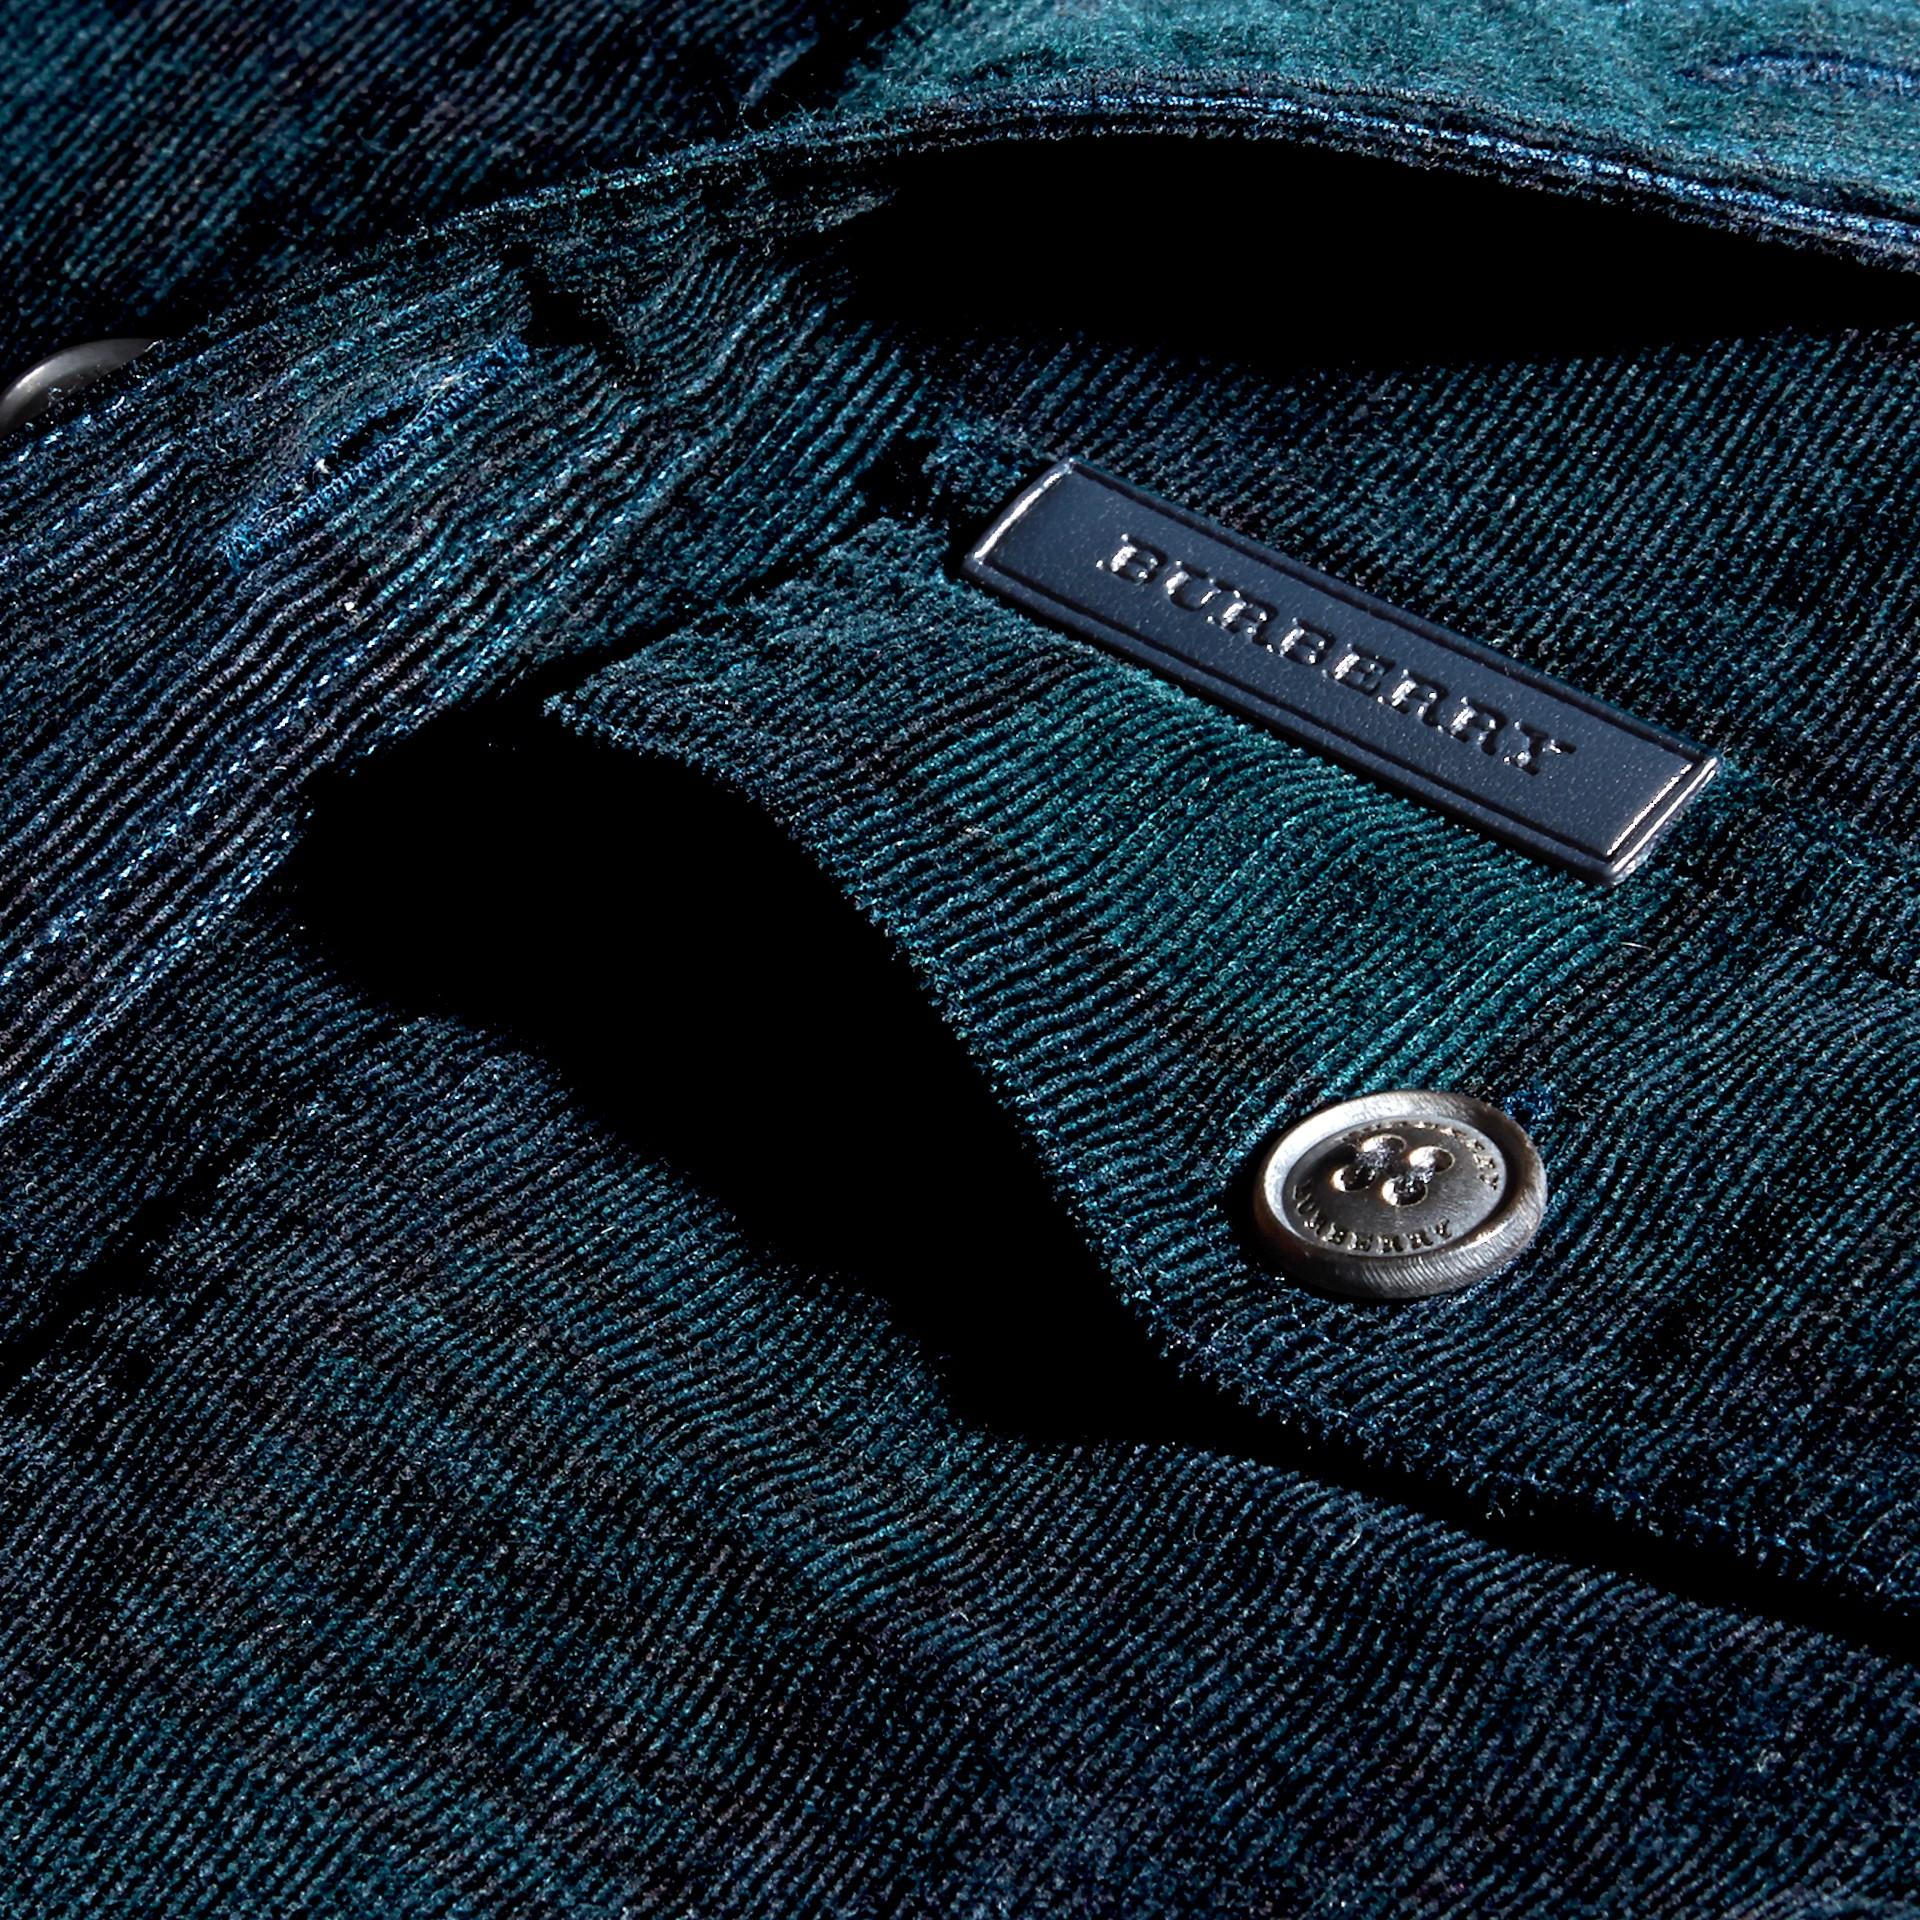 Noir marine Chemise en coton côtelé à motif check - photo de la galerie 2